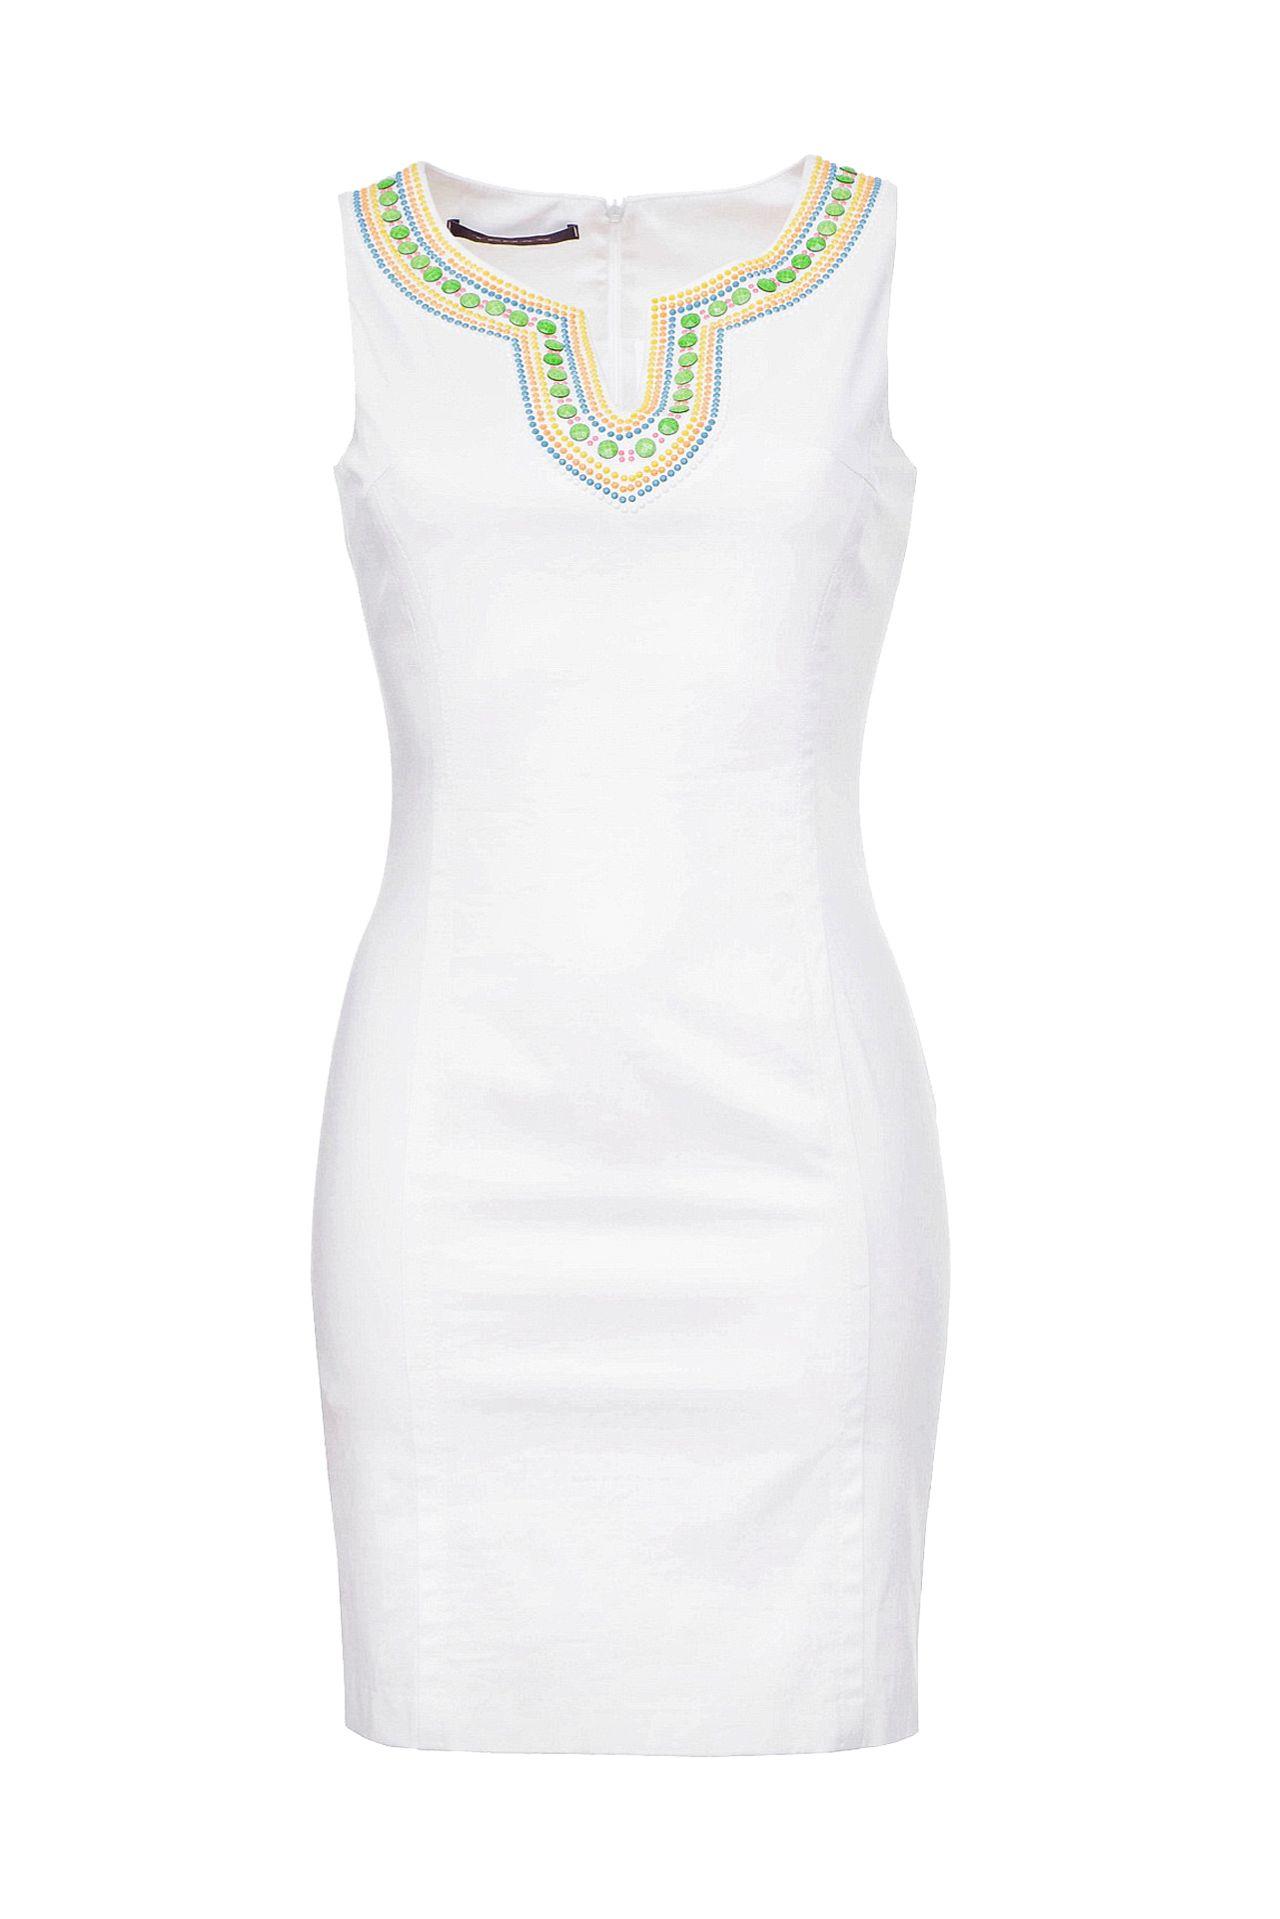 Платье TENAX пуловер кашемировый v образный вырез логотип freeman сзади